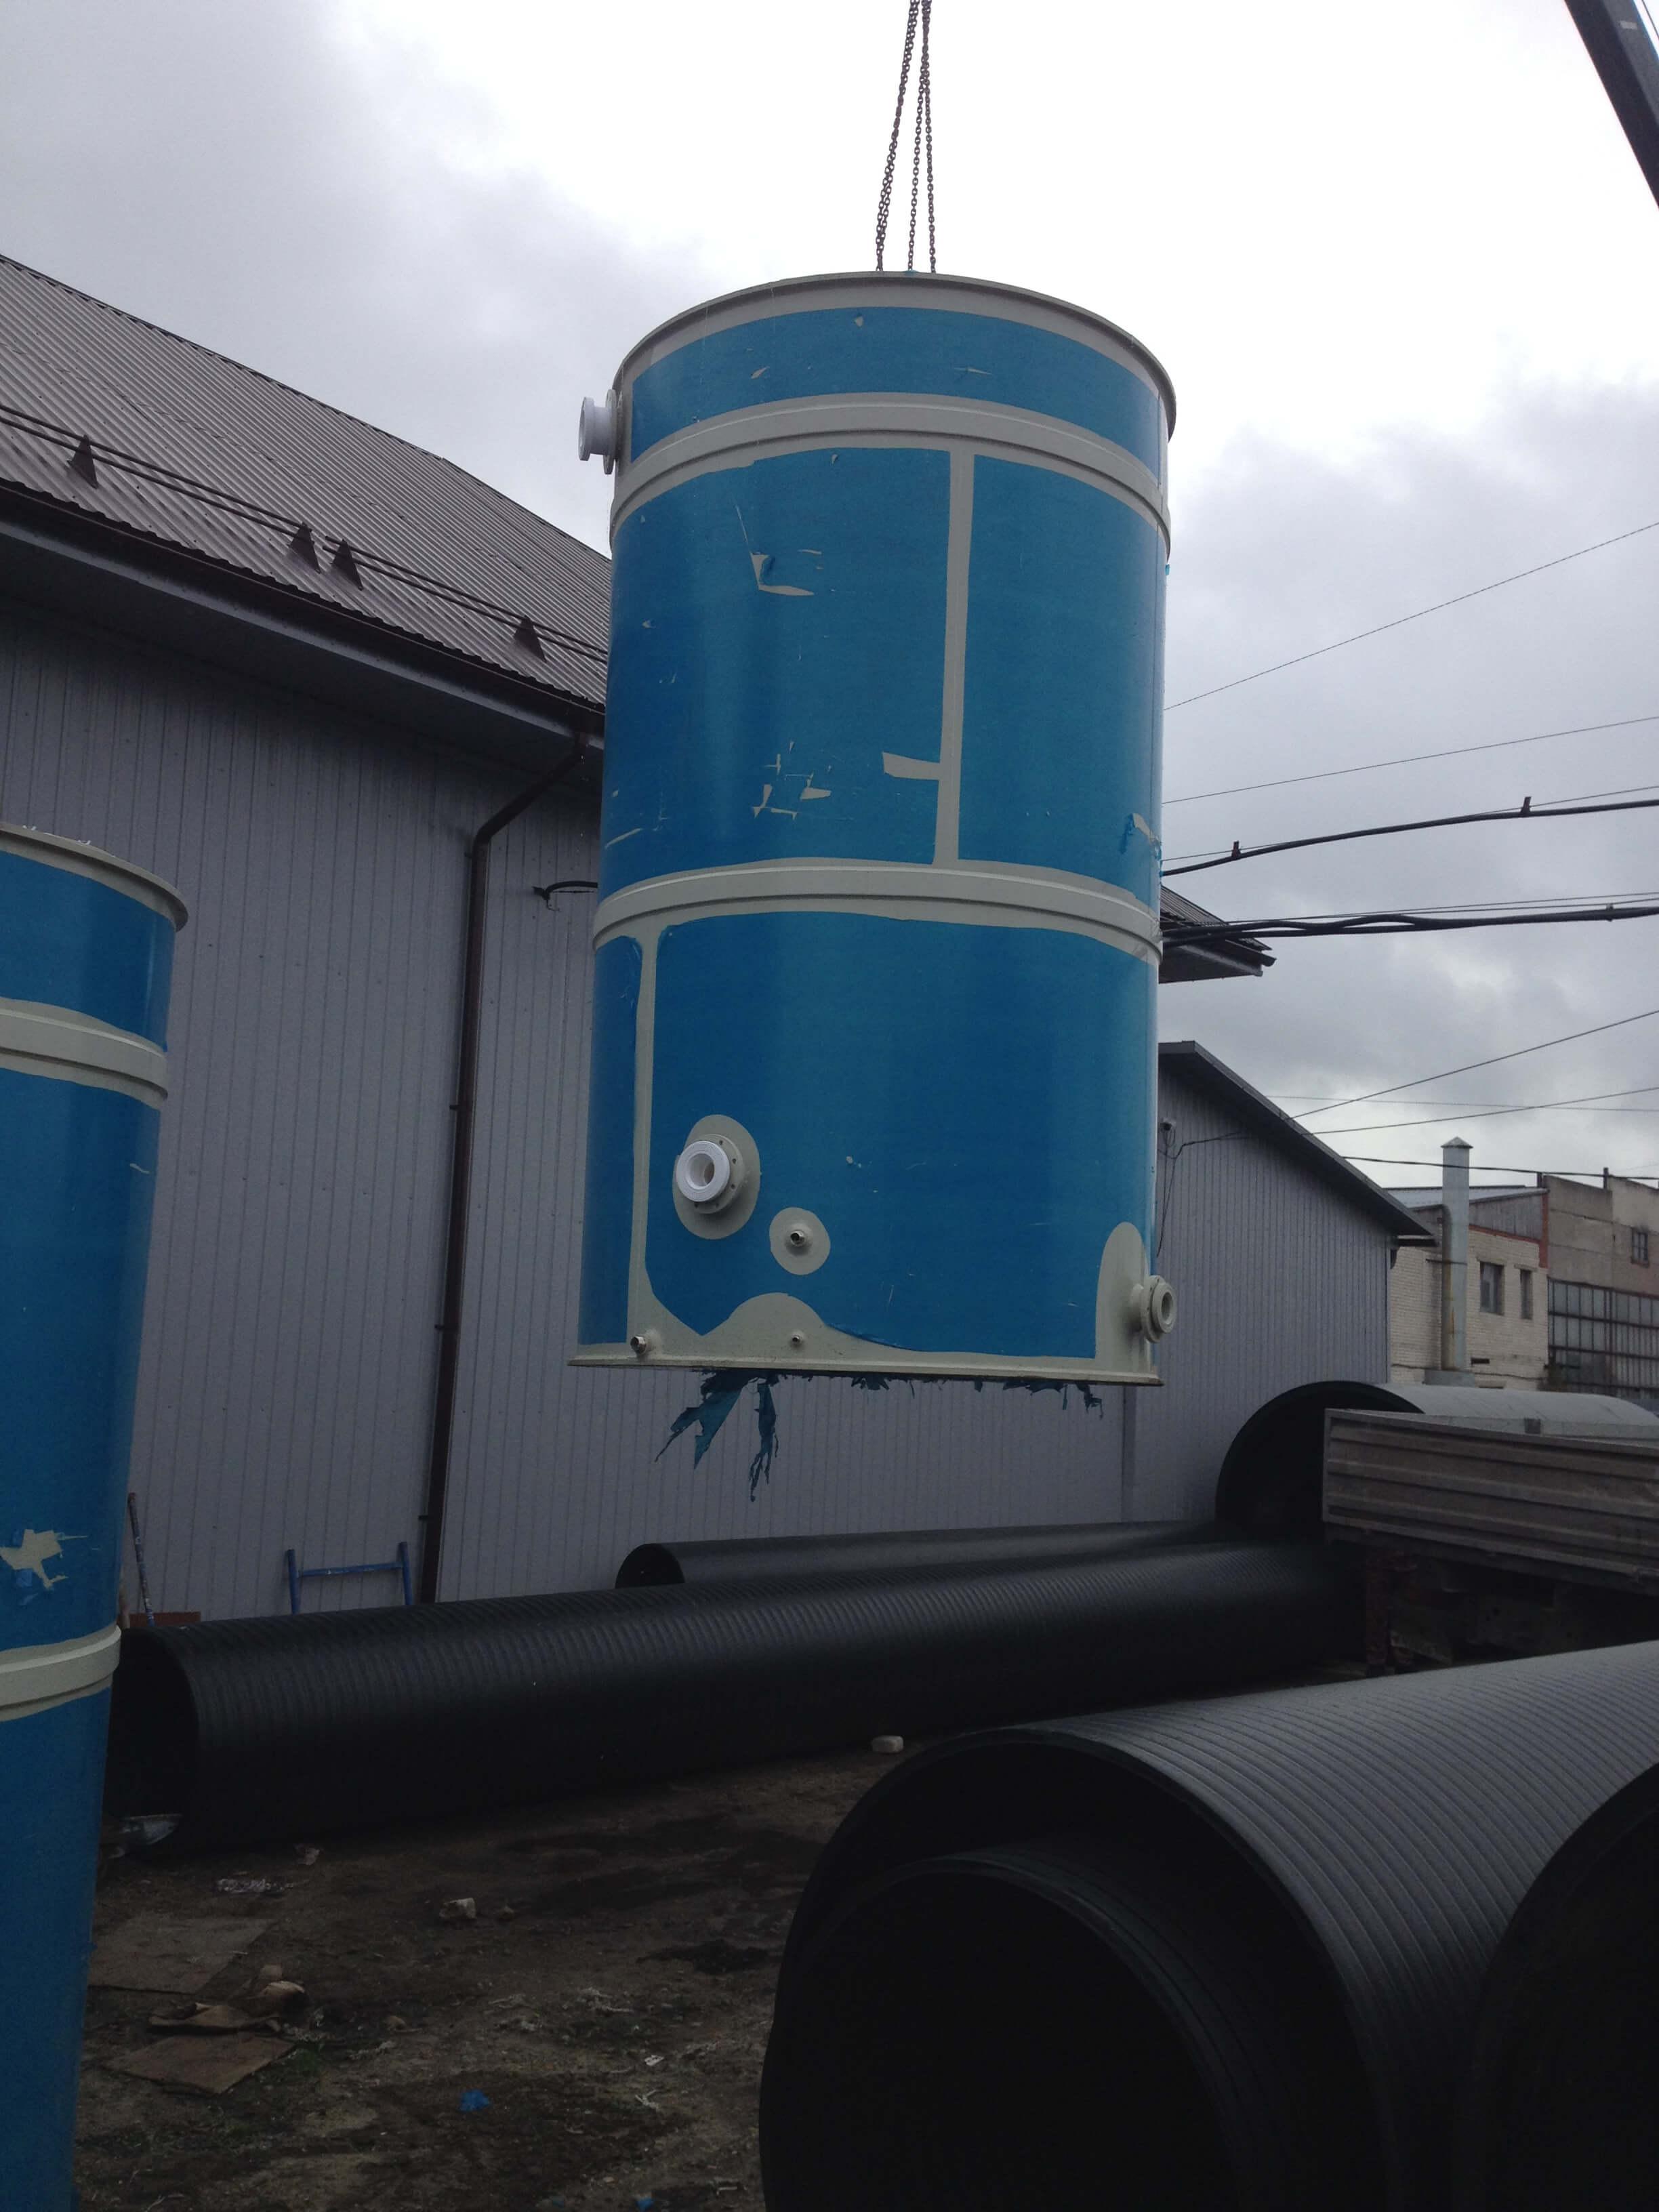 Фото №1. Емкость из ПП Ø2060 Н 3600 на 10м3 для питьевой воды. (Вид 1)